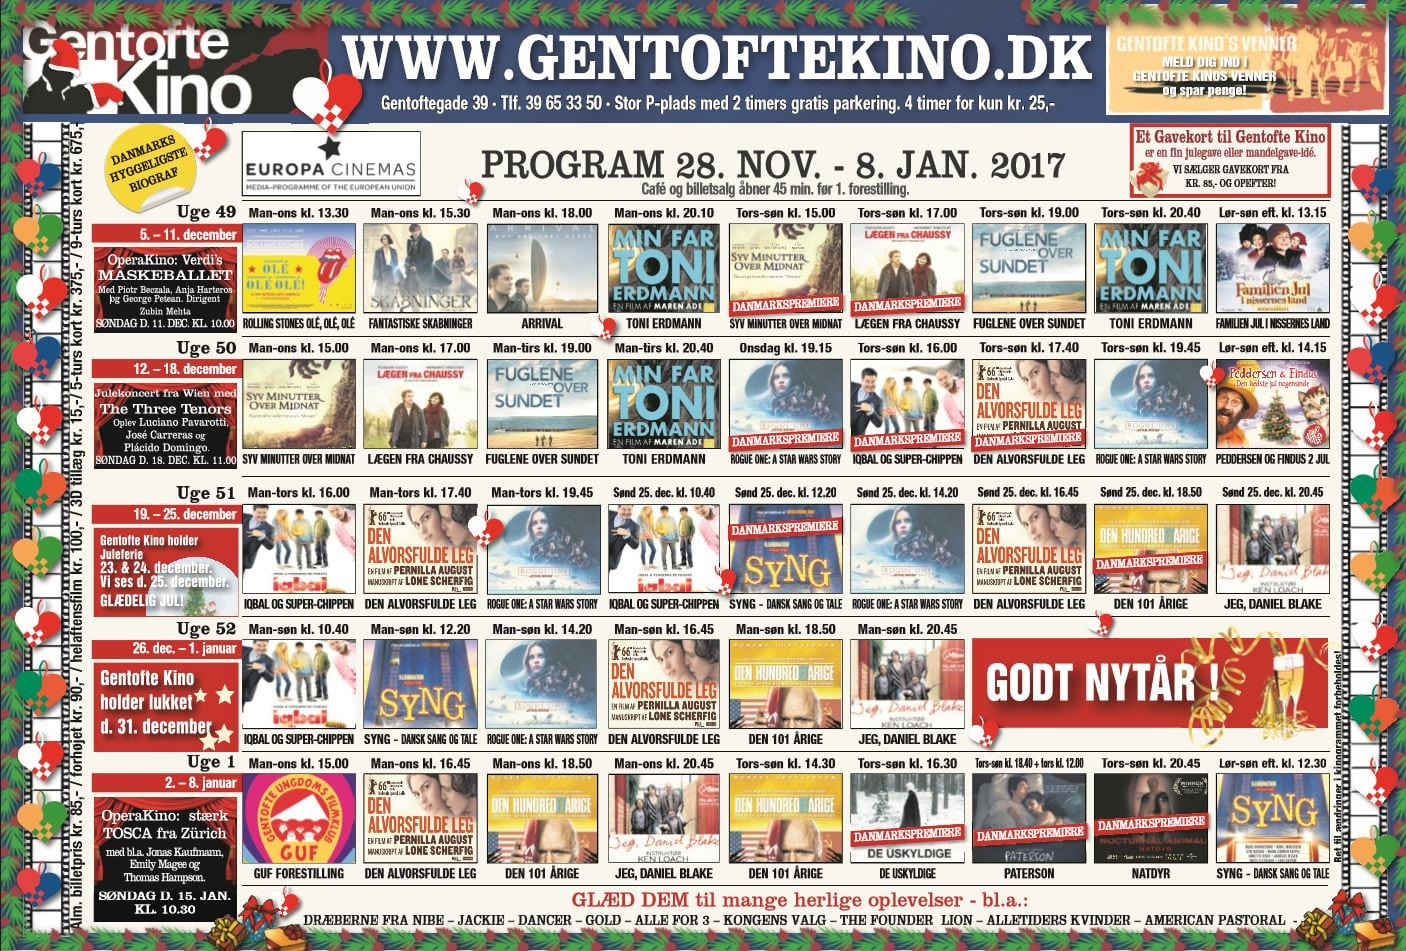 Gentofte Kino viser! - Dit Gentofte